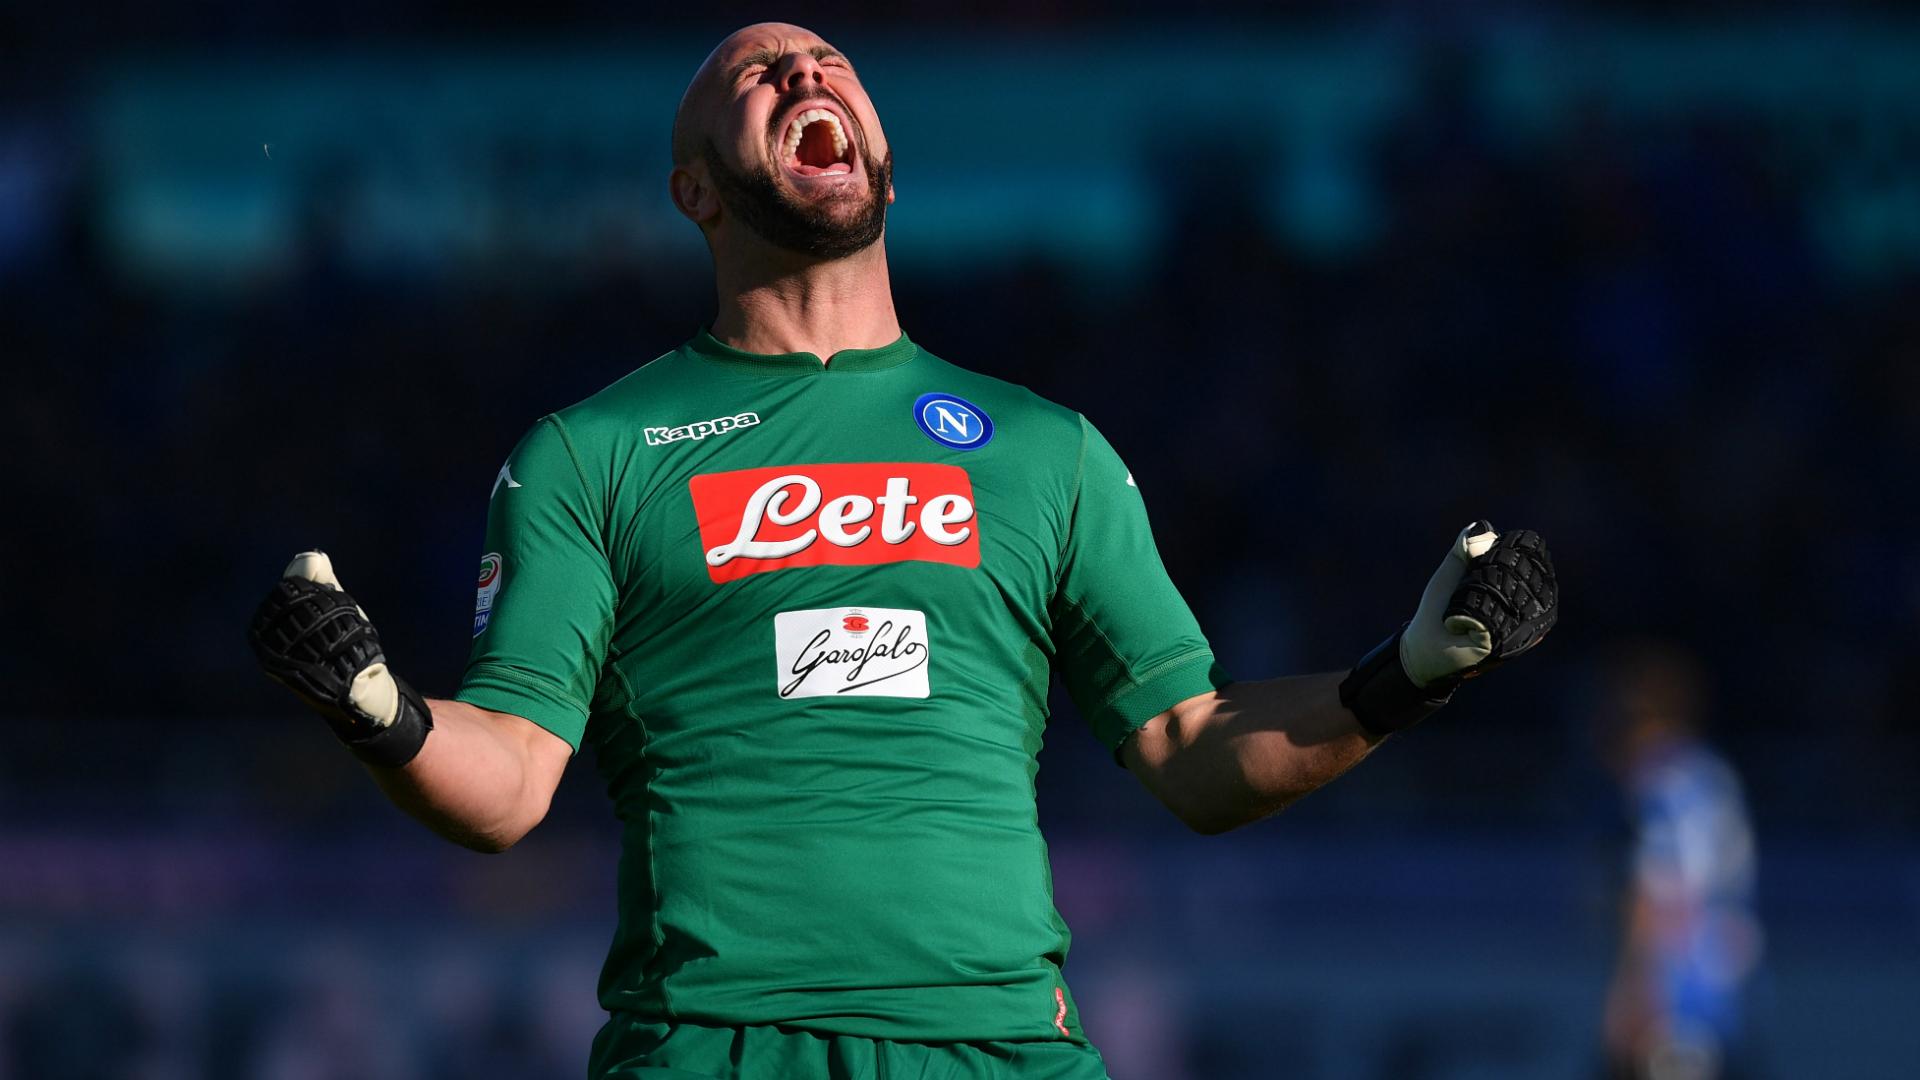 Reina Napoli Serie A